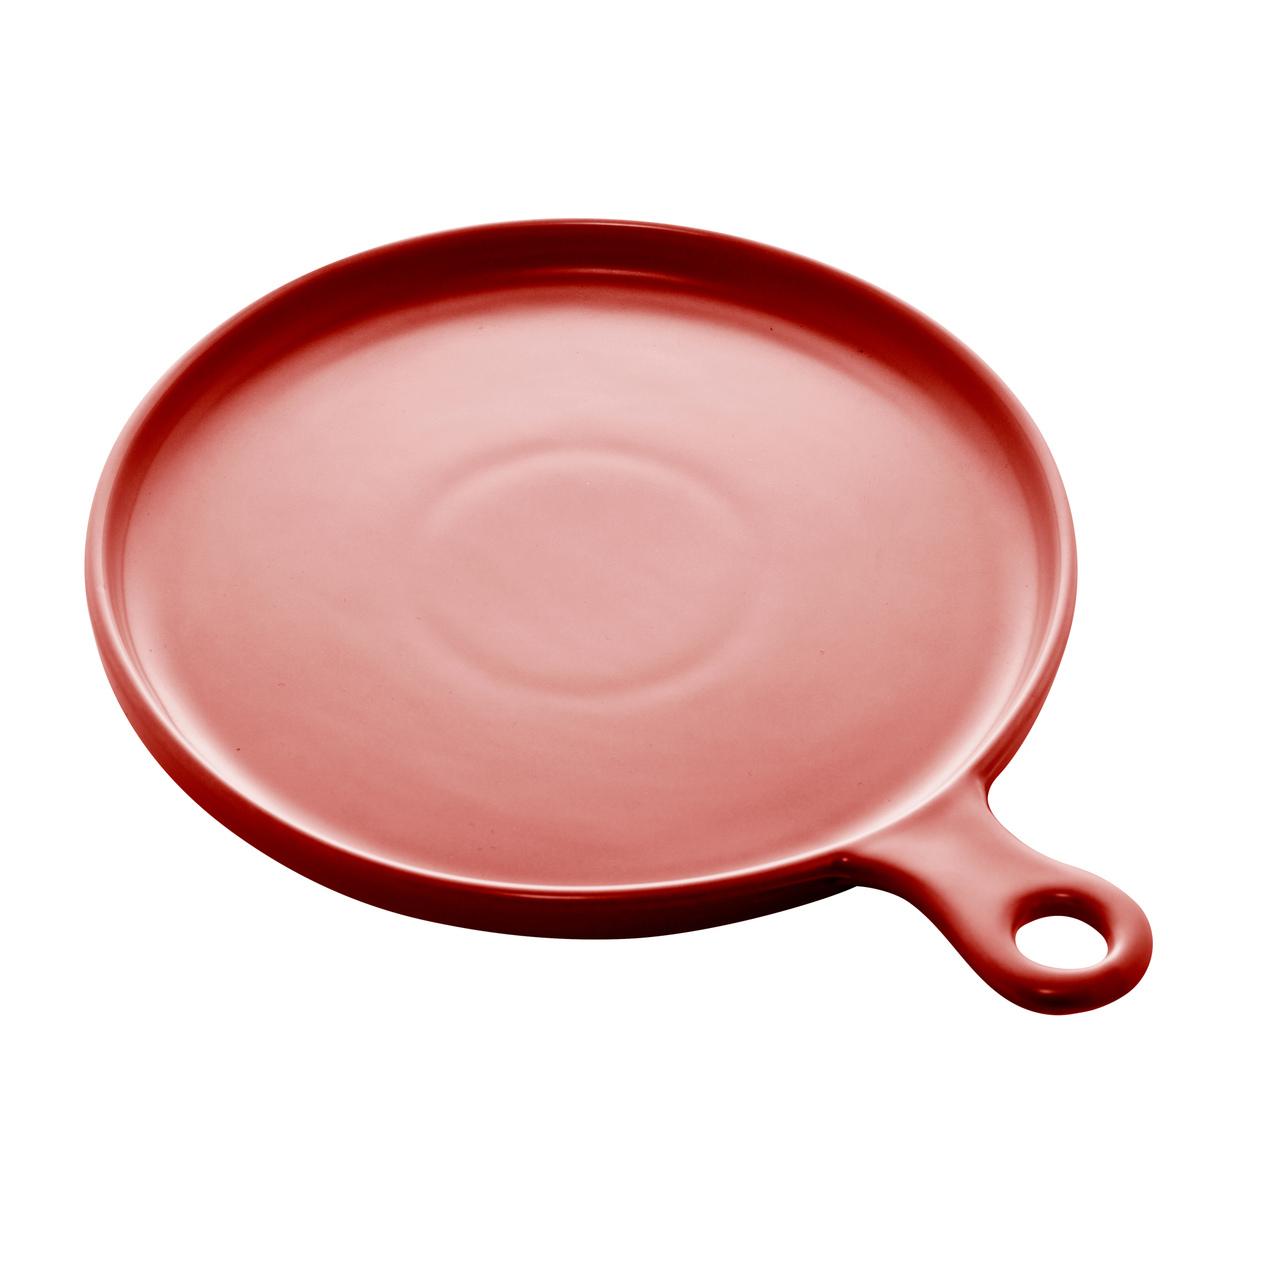 Jg 02 Travessas de Porcelana Nordica Vermelha